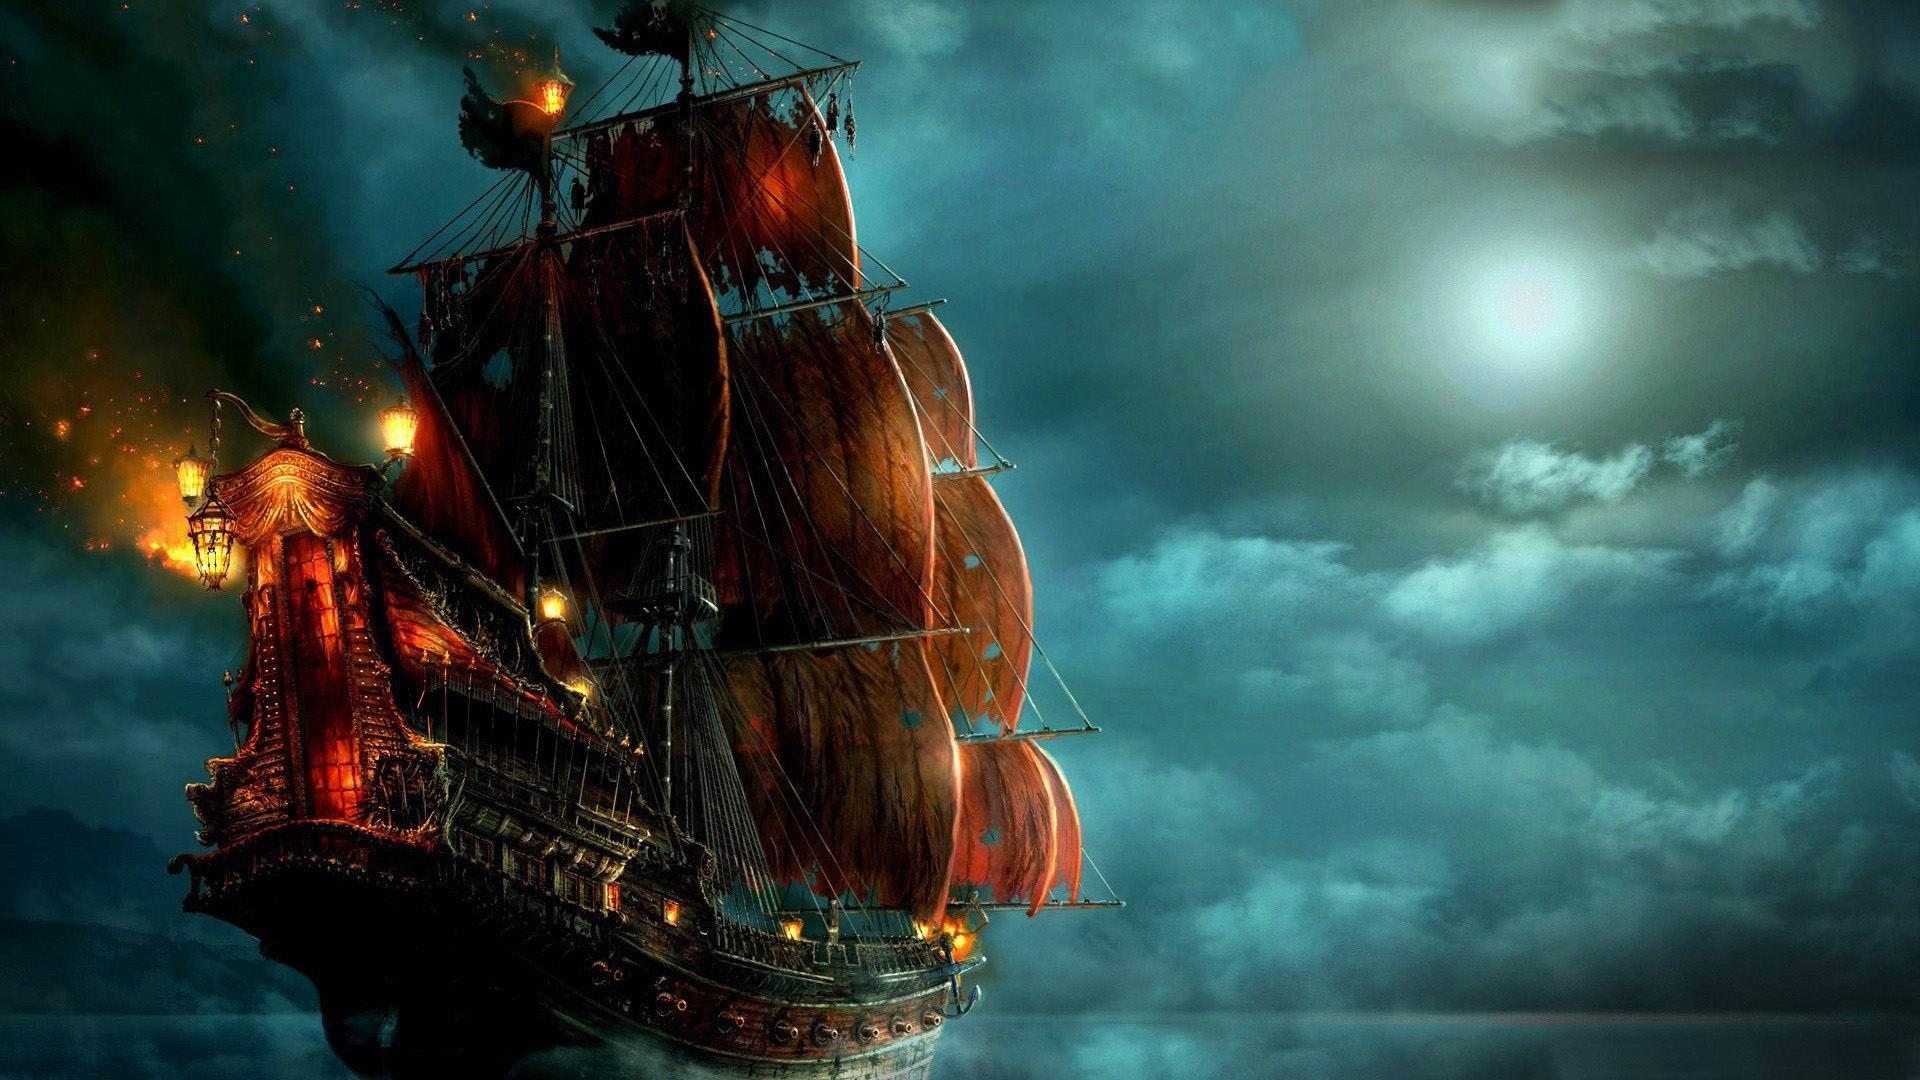 sailing ship painting-Fantasy design wallpaper-1920x1080 ...